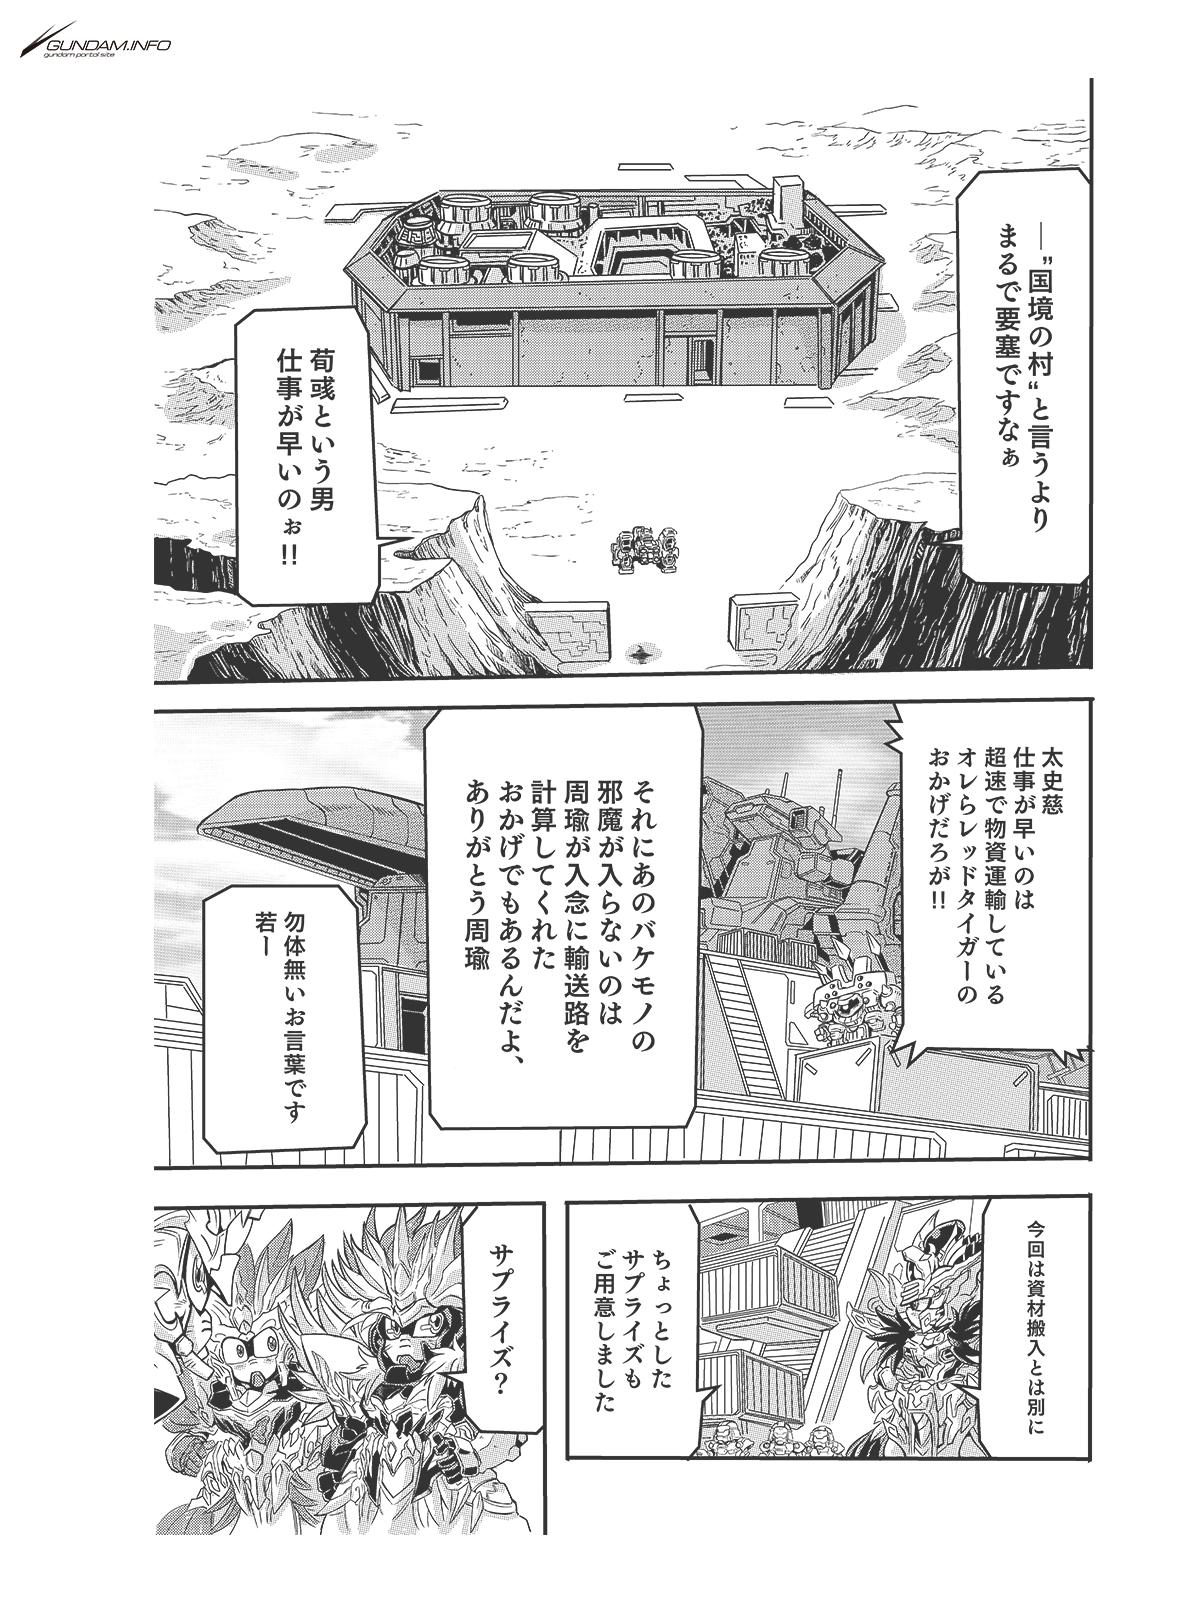 SDガンダムワールド 三国創傑伝 焔虎譚 第8話 P1